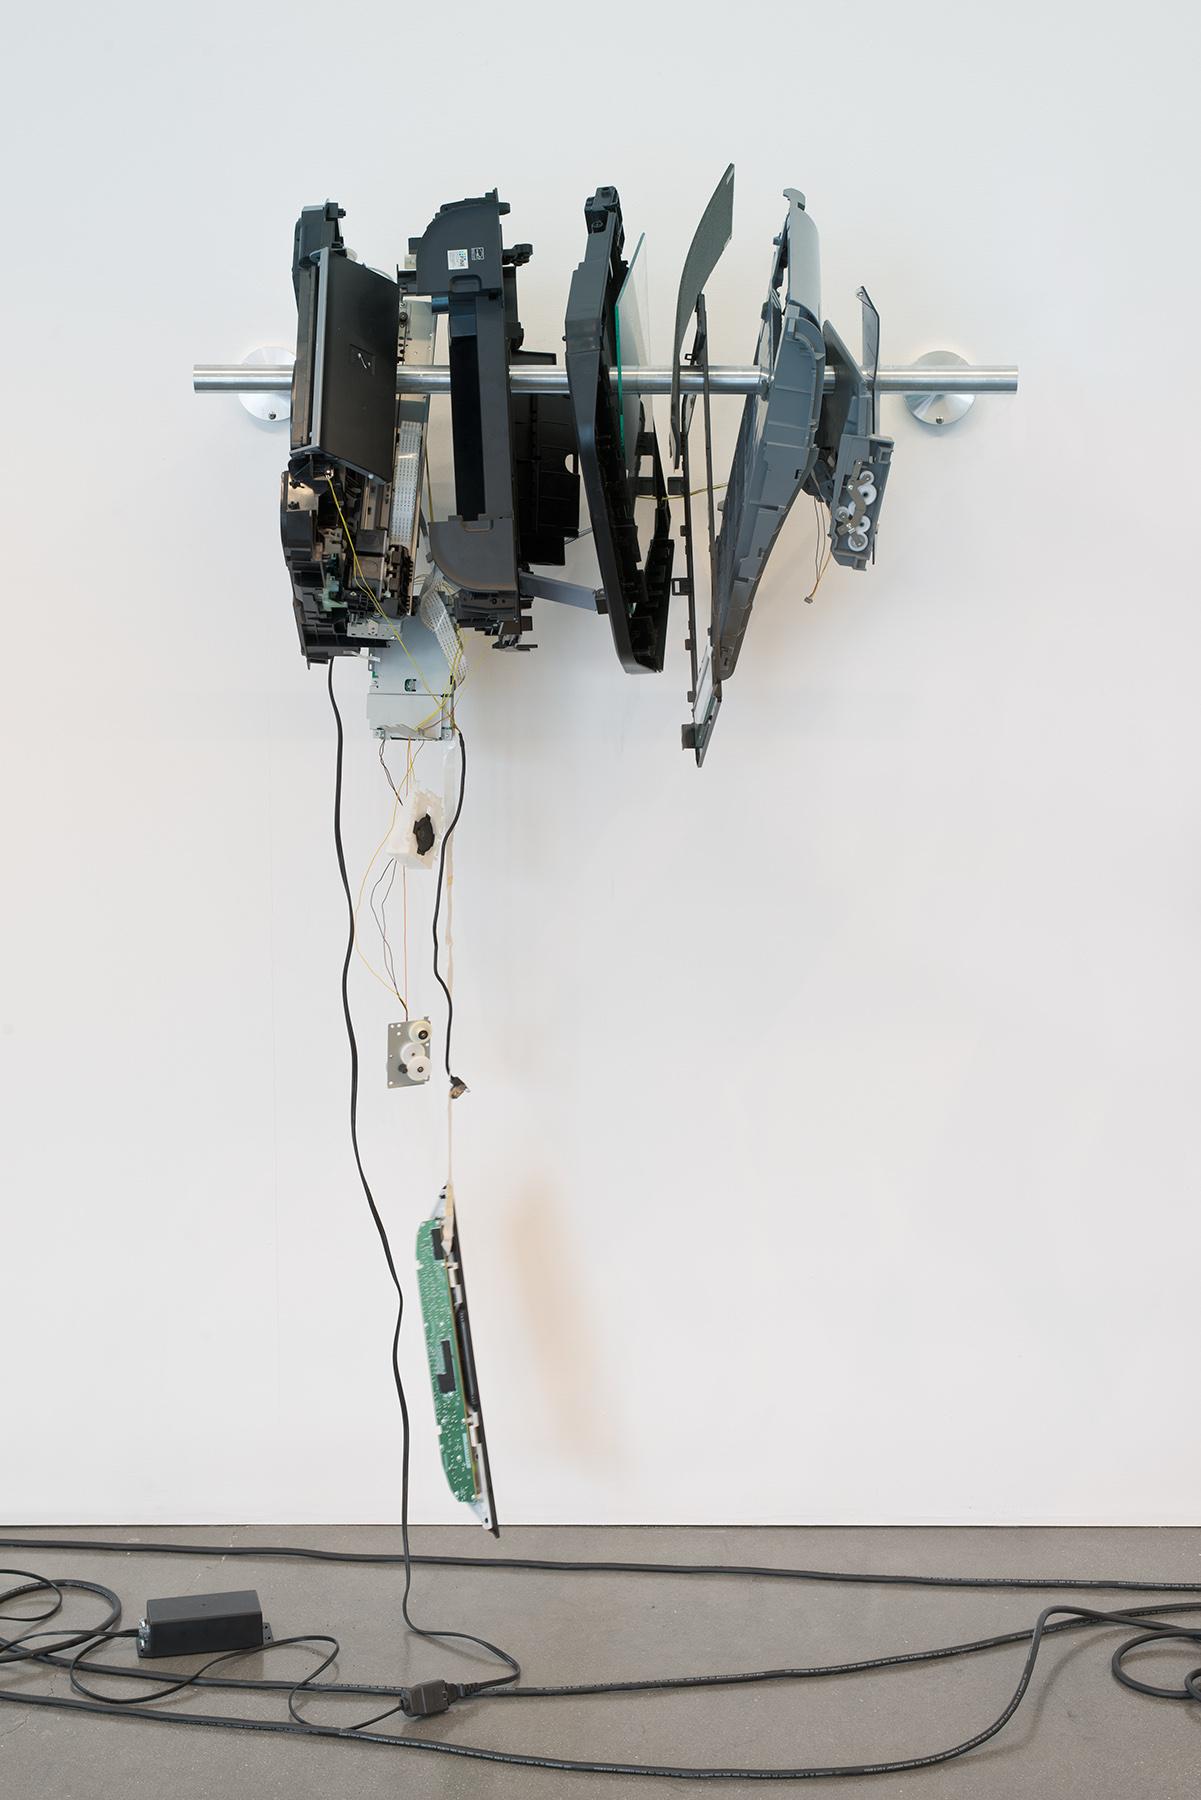 Schreibmachine <del>(Canon MX310 Multifunction Printer)</del>